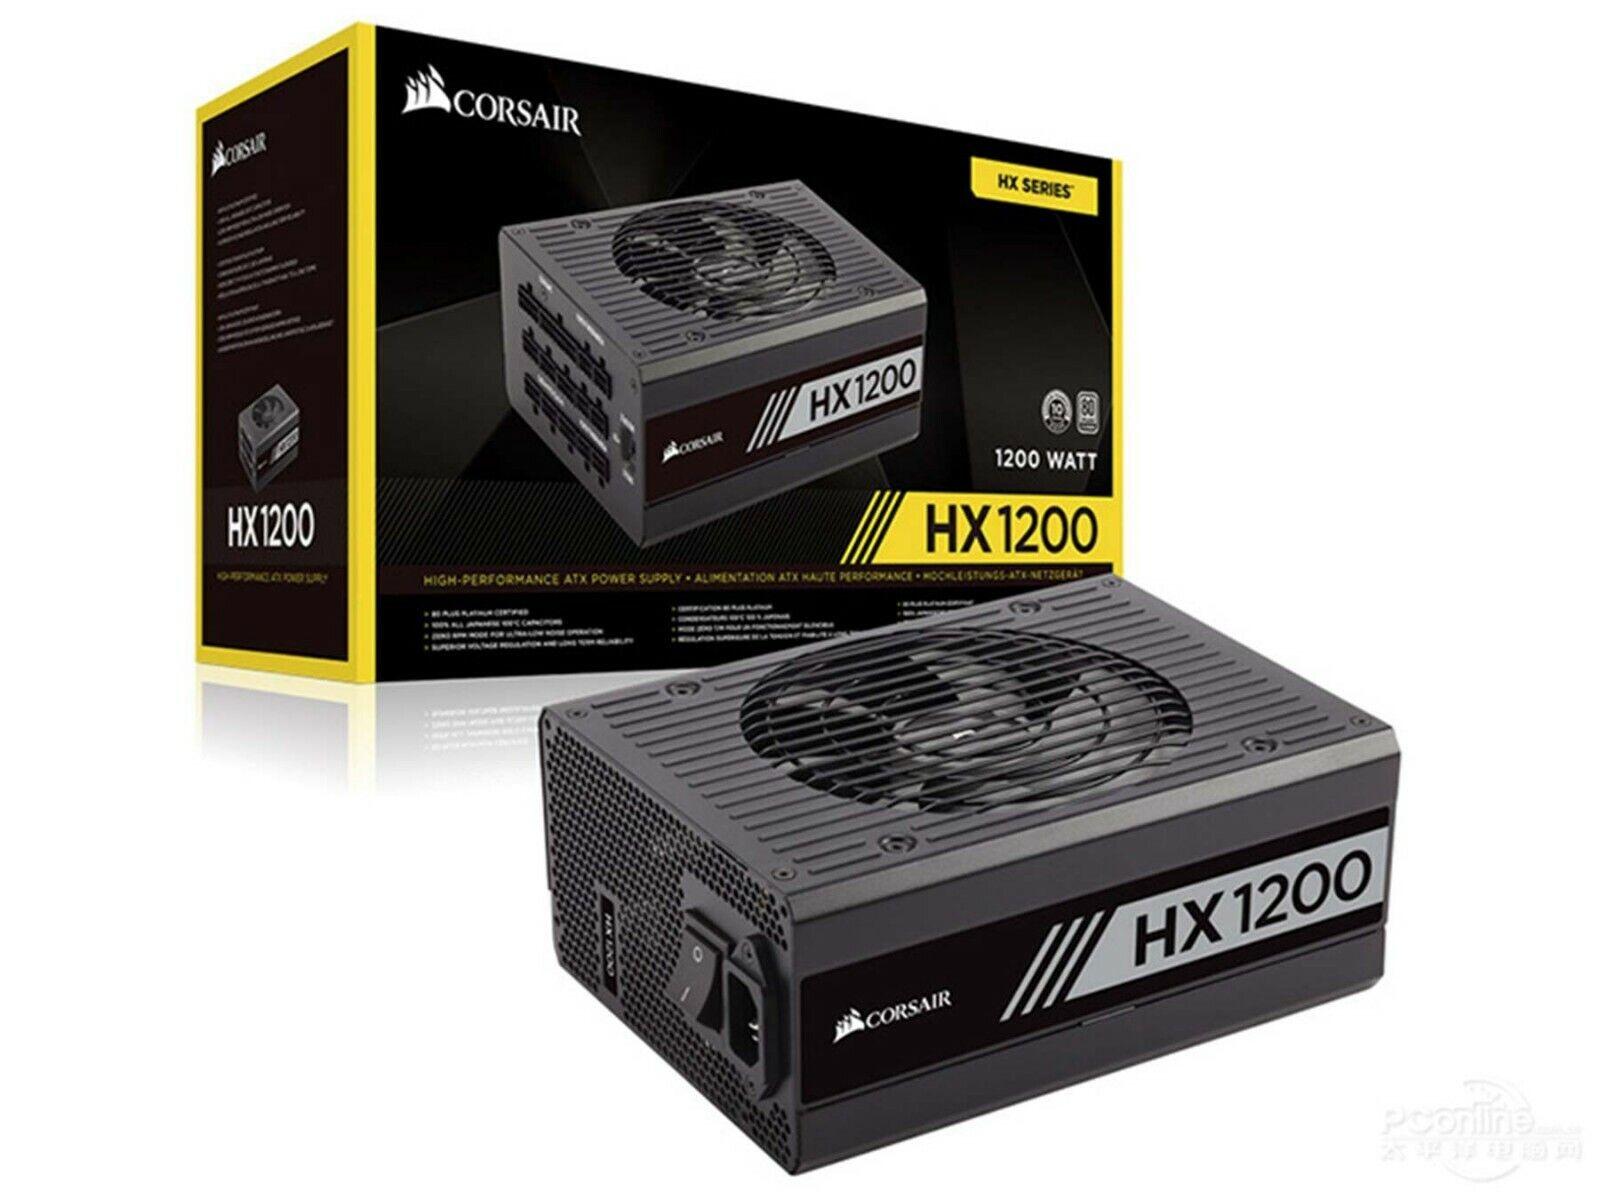 6+2pin PCI-E VGA Power Supply Cable for CORSAIR HX1200(1200W) and GPU 50cm